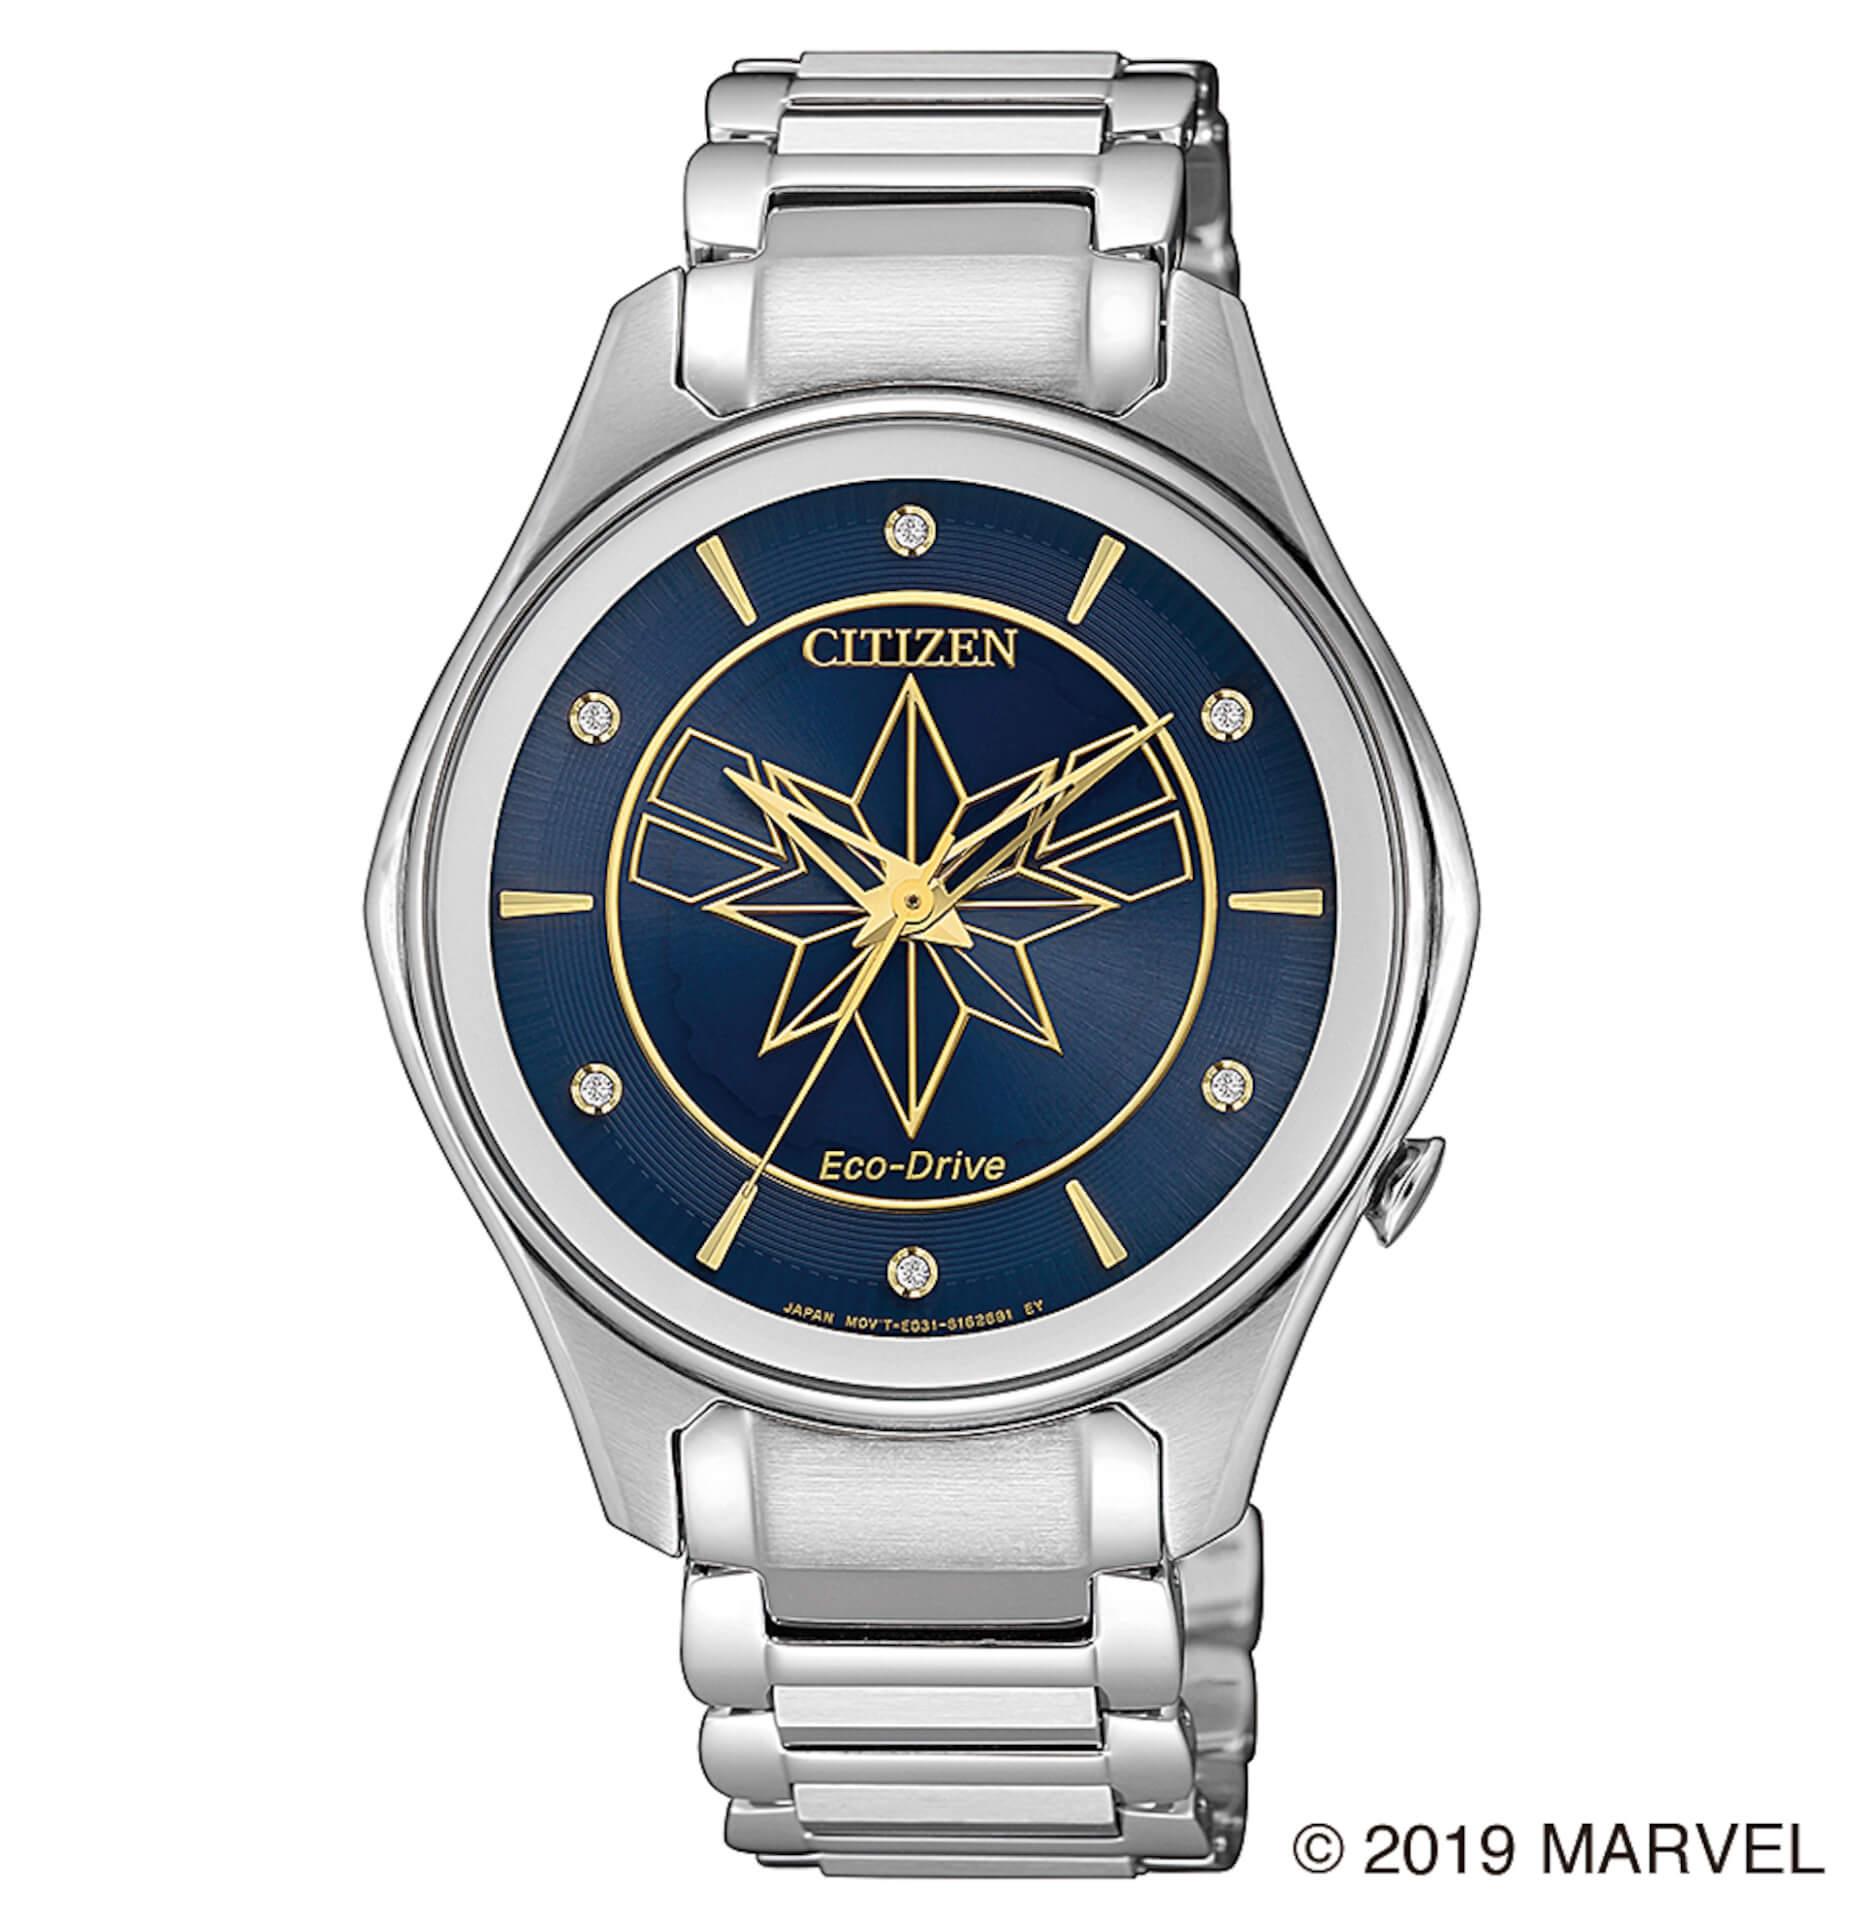 「スパイダーマン」や「キャプテン・アメリカ」が腕時計に!マーベルキャラクターをモチーフにしたシチズン腕時計全9モデルが登場 tech190919_marvel_watch_8